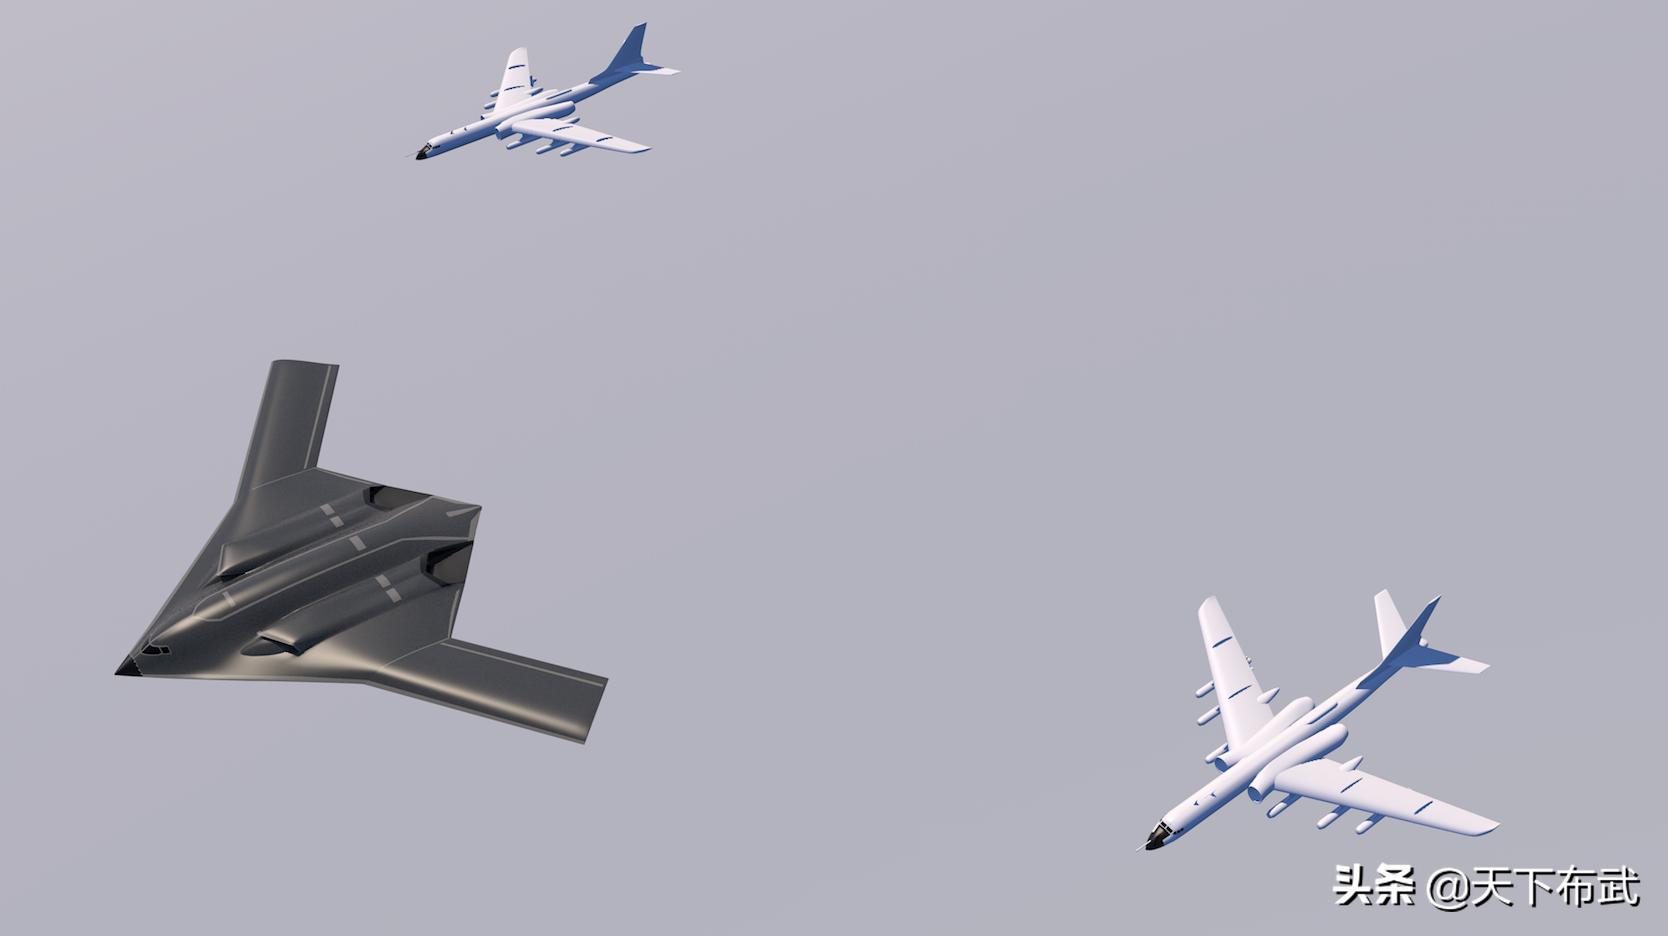 轰-20真的要来了,这次是央视说的,性能相比轰-6K全面提升